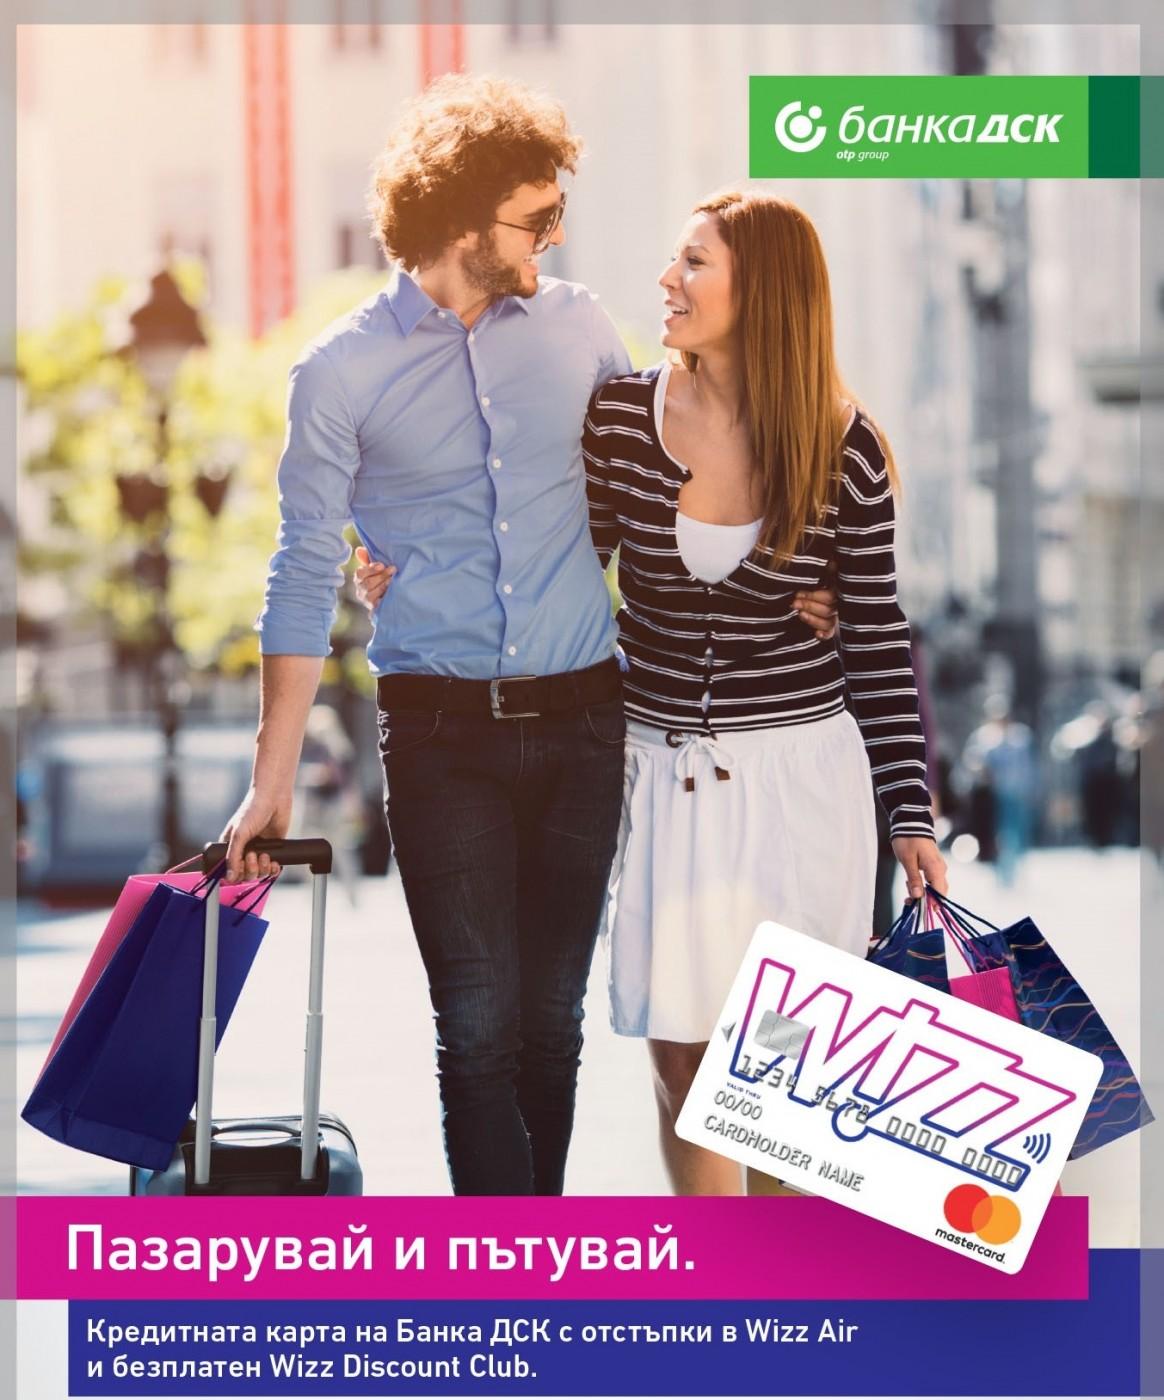 Новата кредитна карта на Банка ДСК и Wizz Air